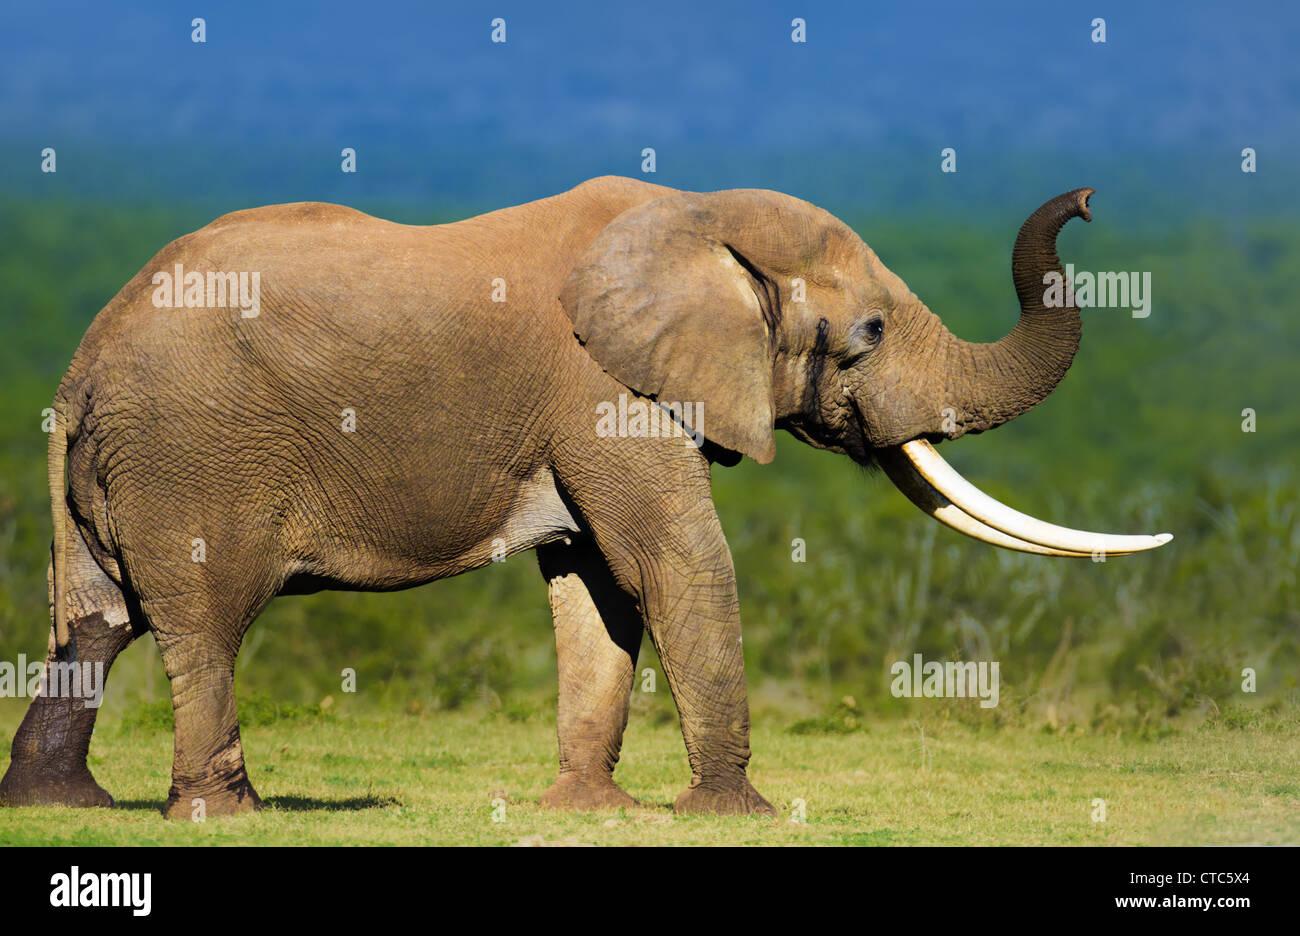 Elephant con grandi zanne profuma l'aria - Parco Nazionale di Addo - Africa del Sud Immagini Stock